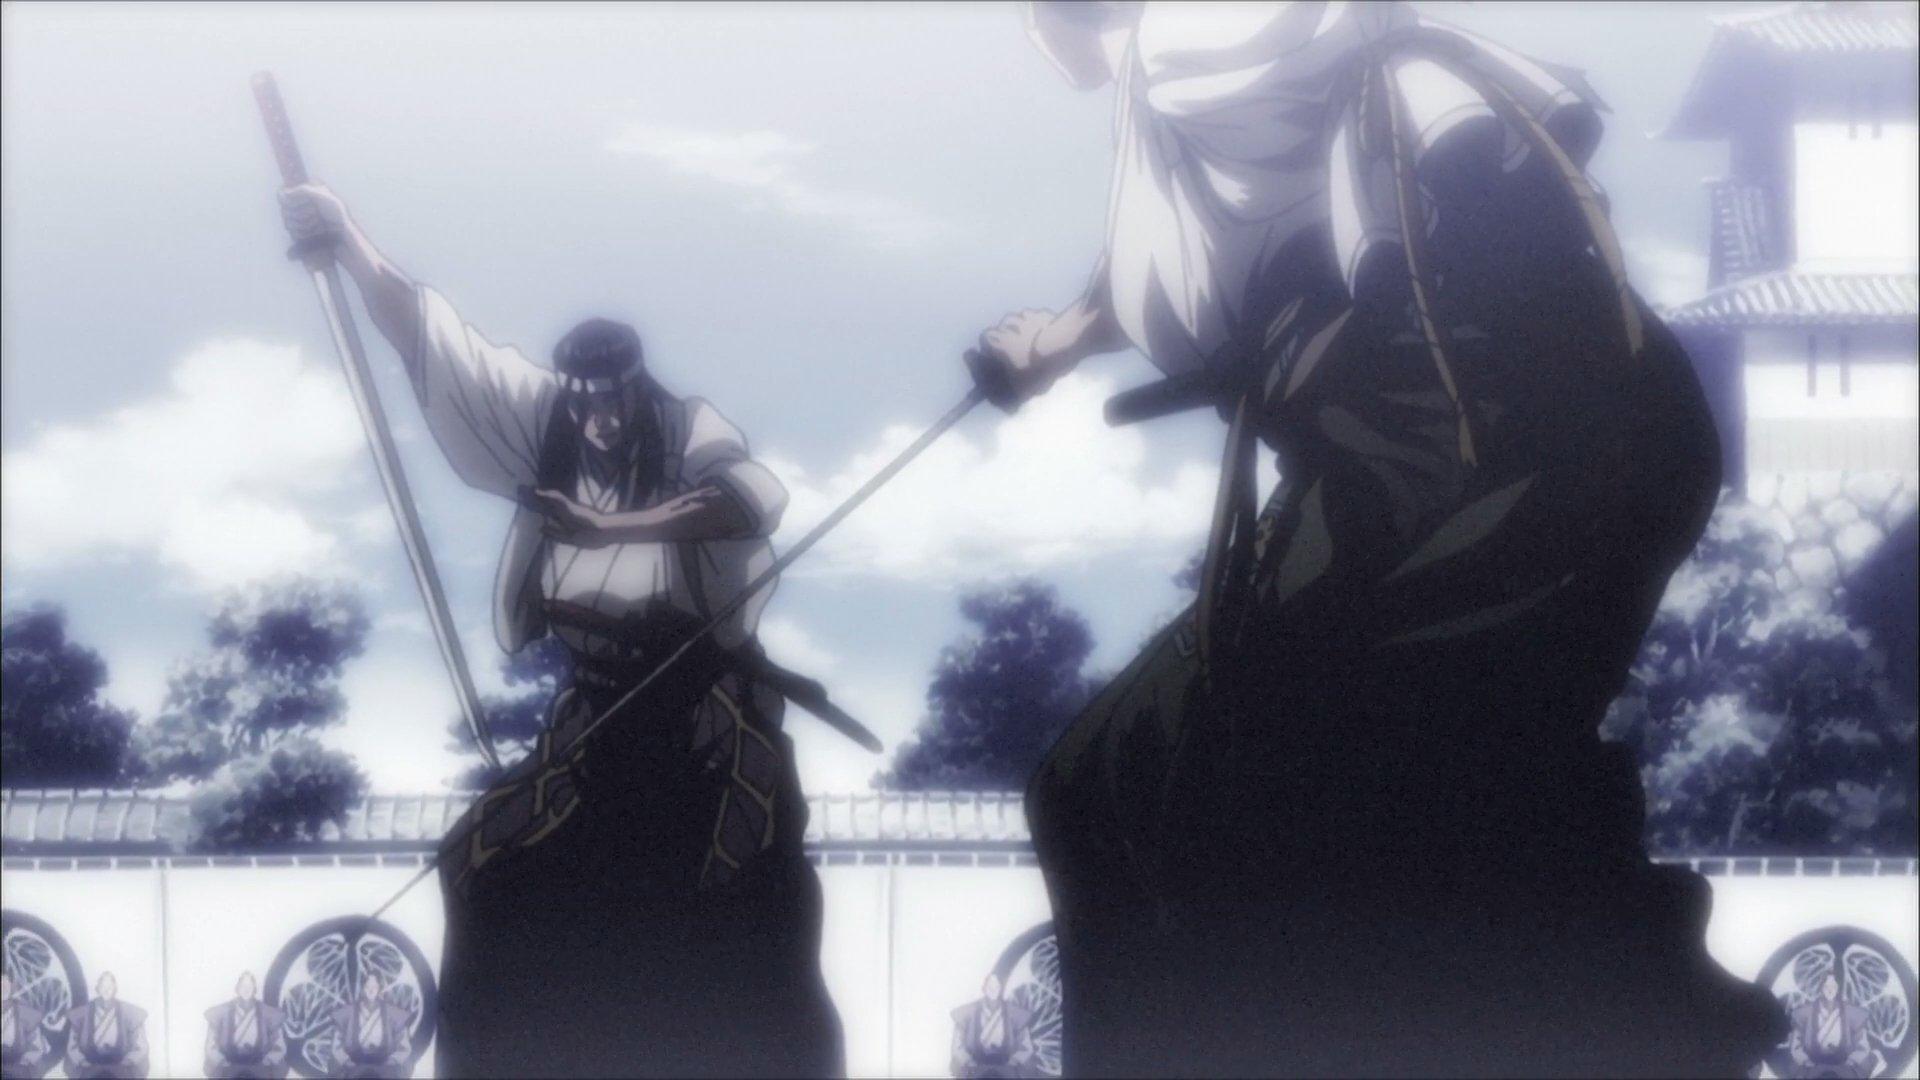 """Мнение об анимационном сериале """"Одержимые смертью"""". - Изображение 3"""